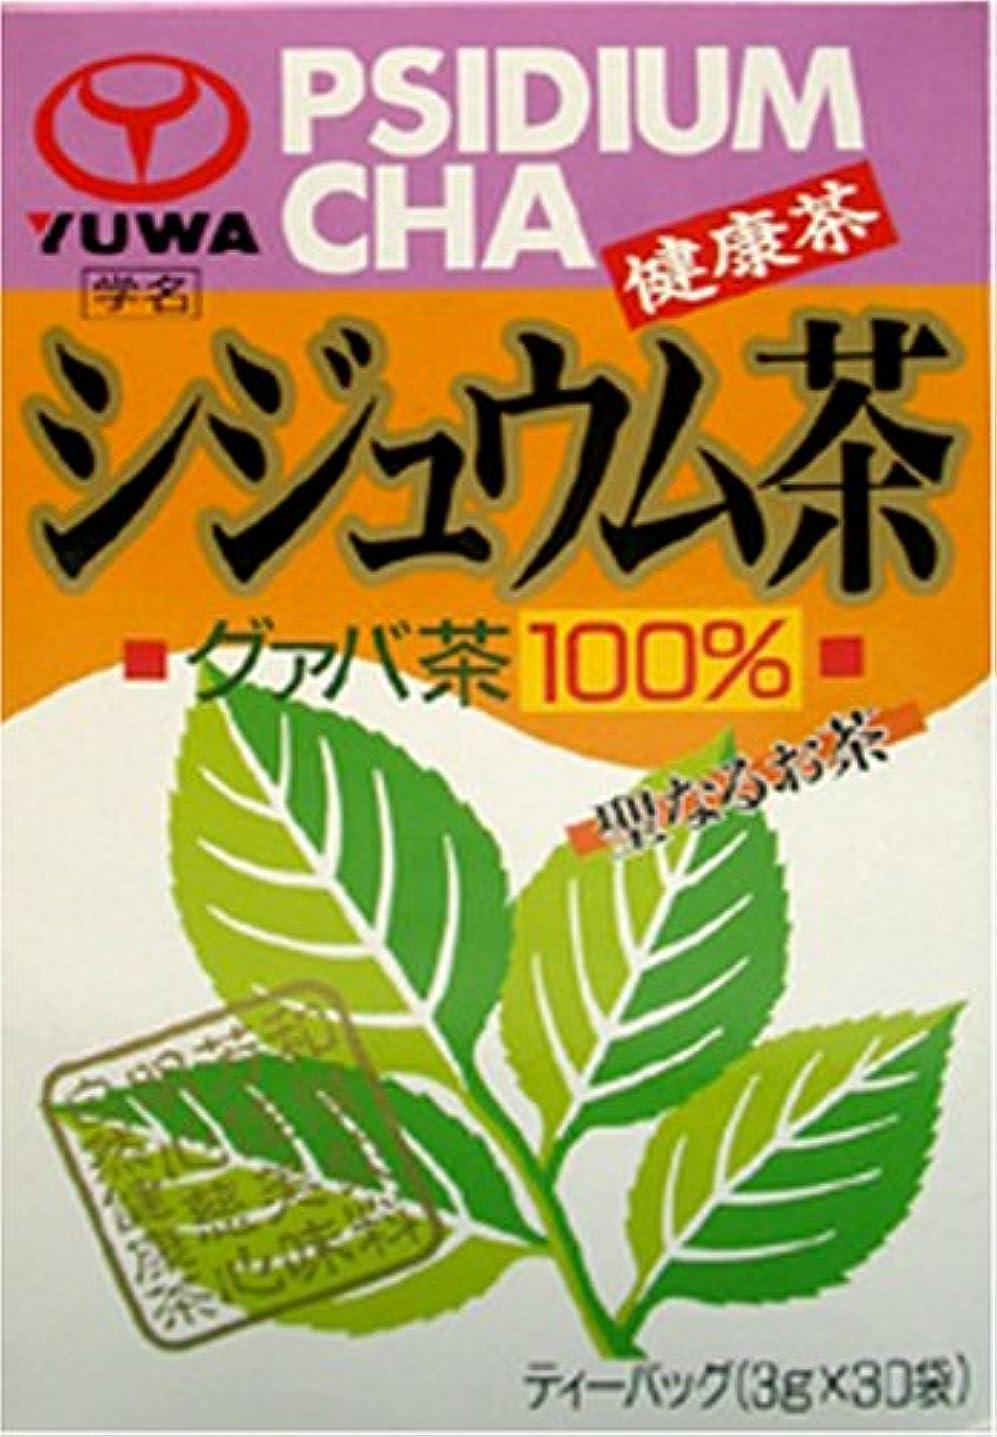 クモ別の軽減するユーワ シジュウム茶 30包